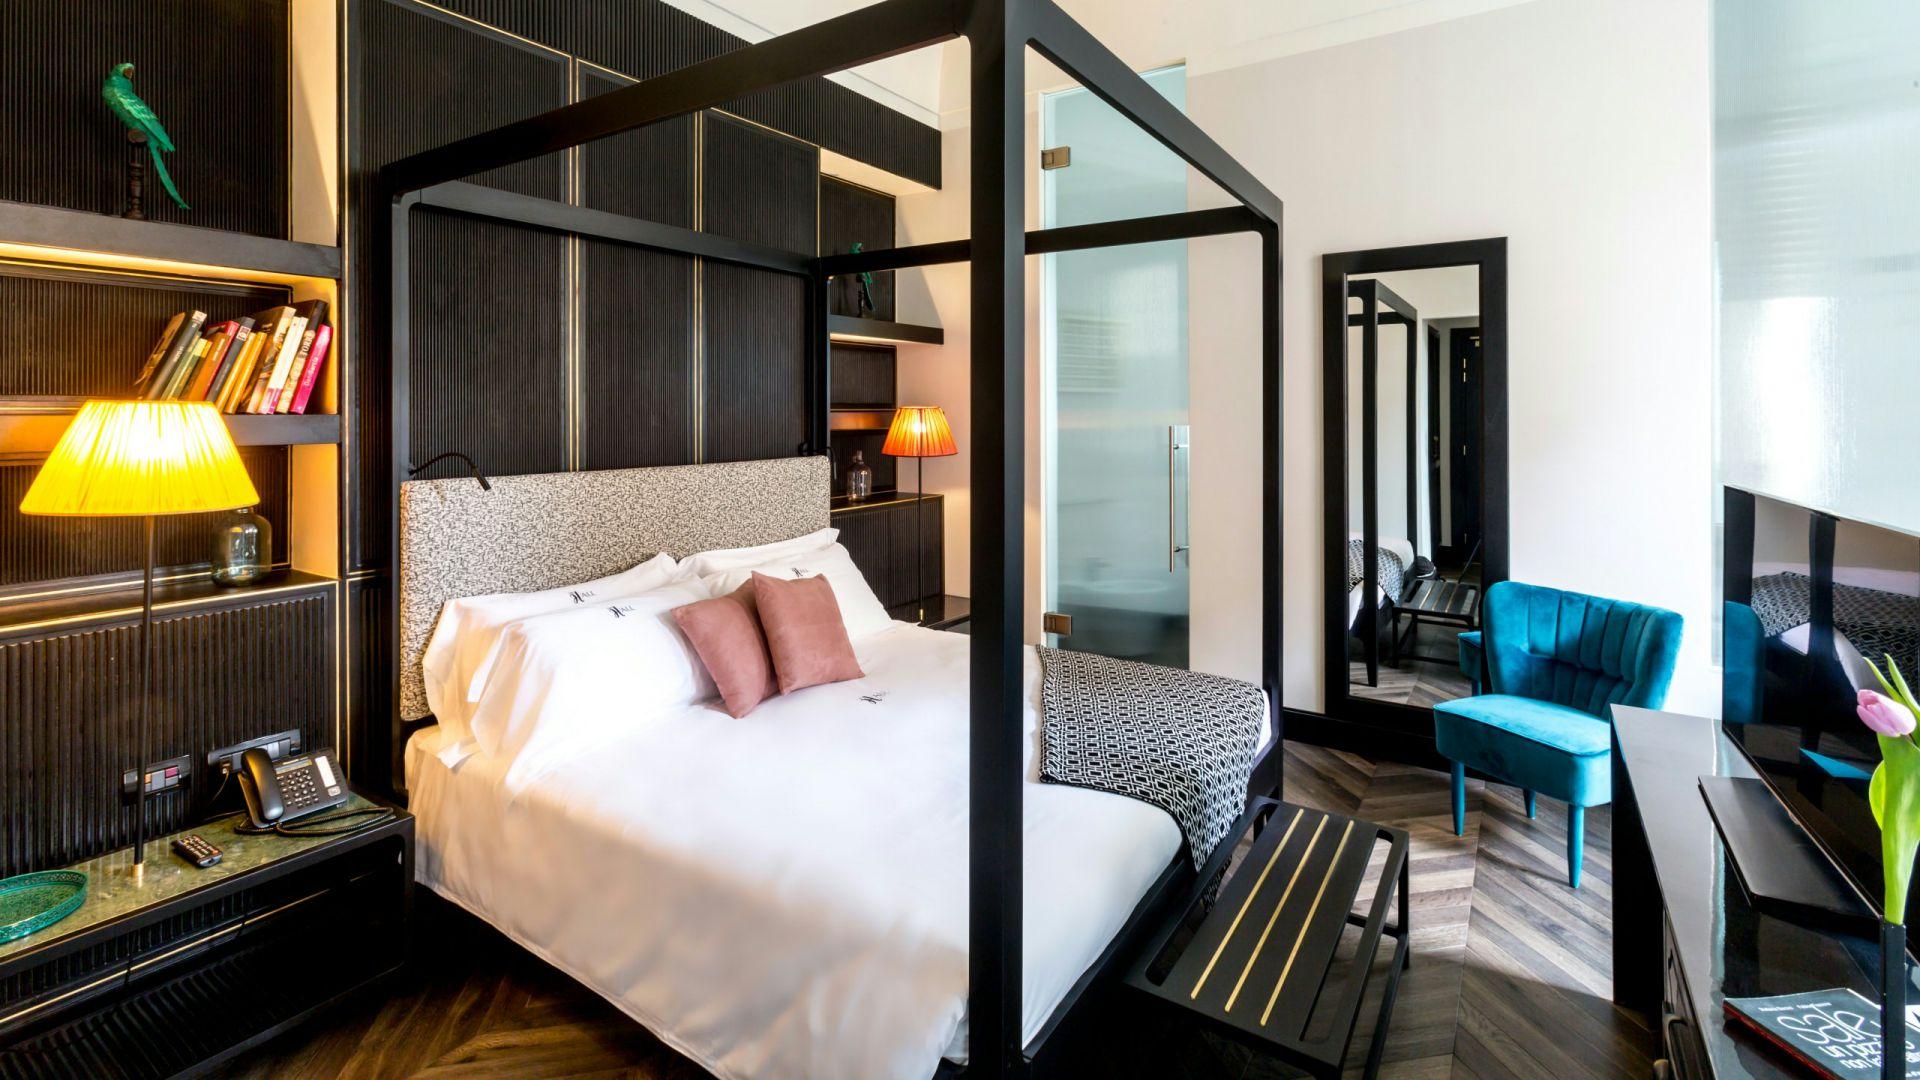 theallhotel-suite-9336